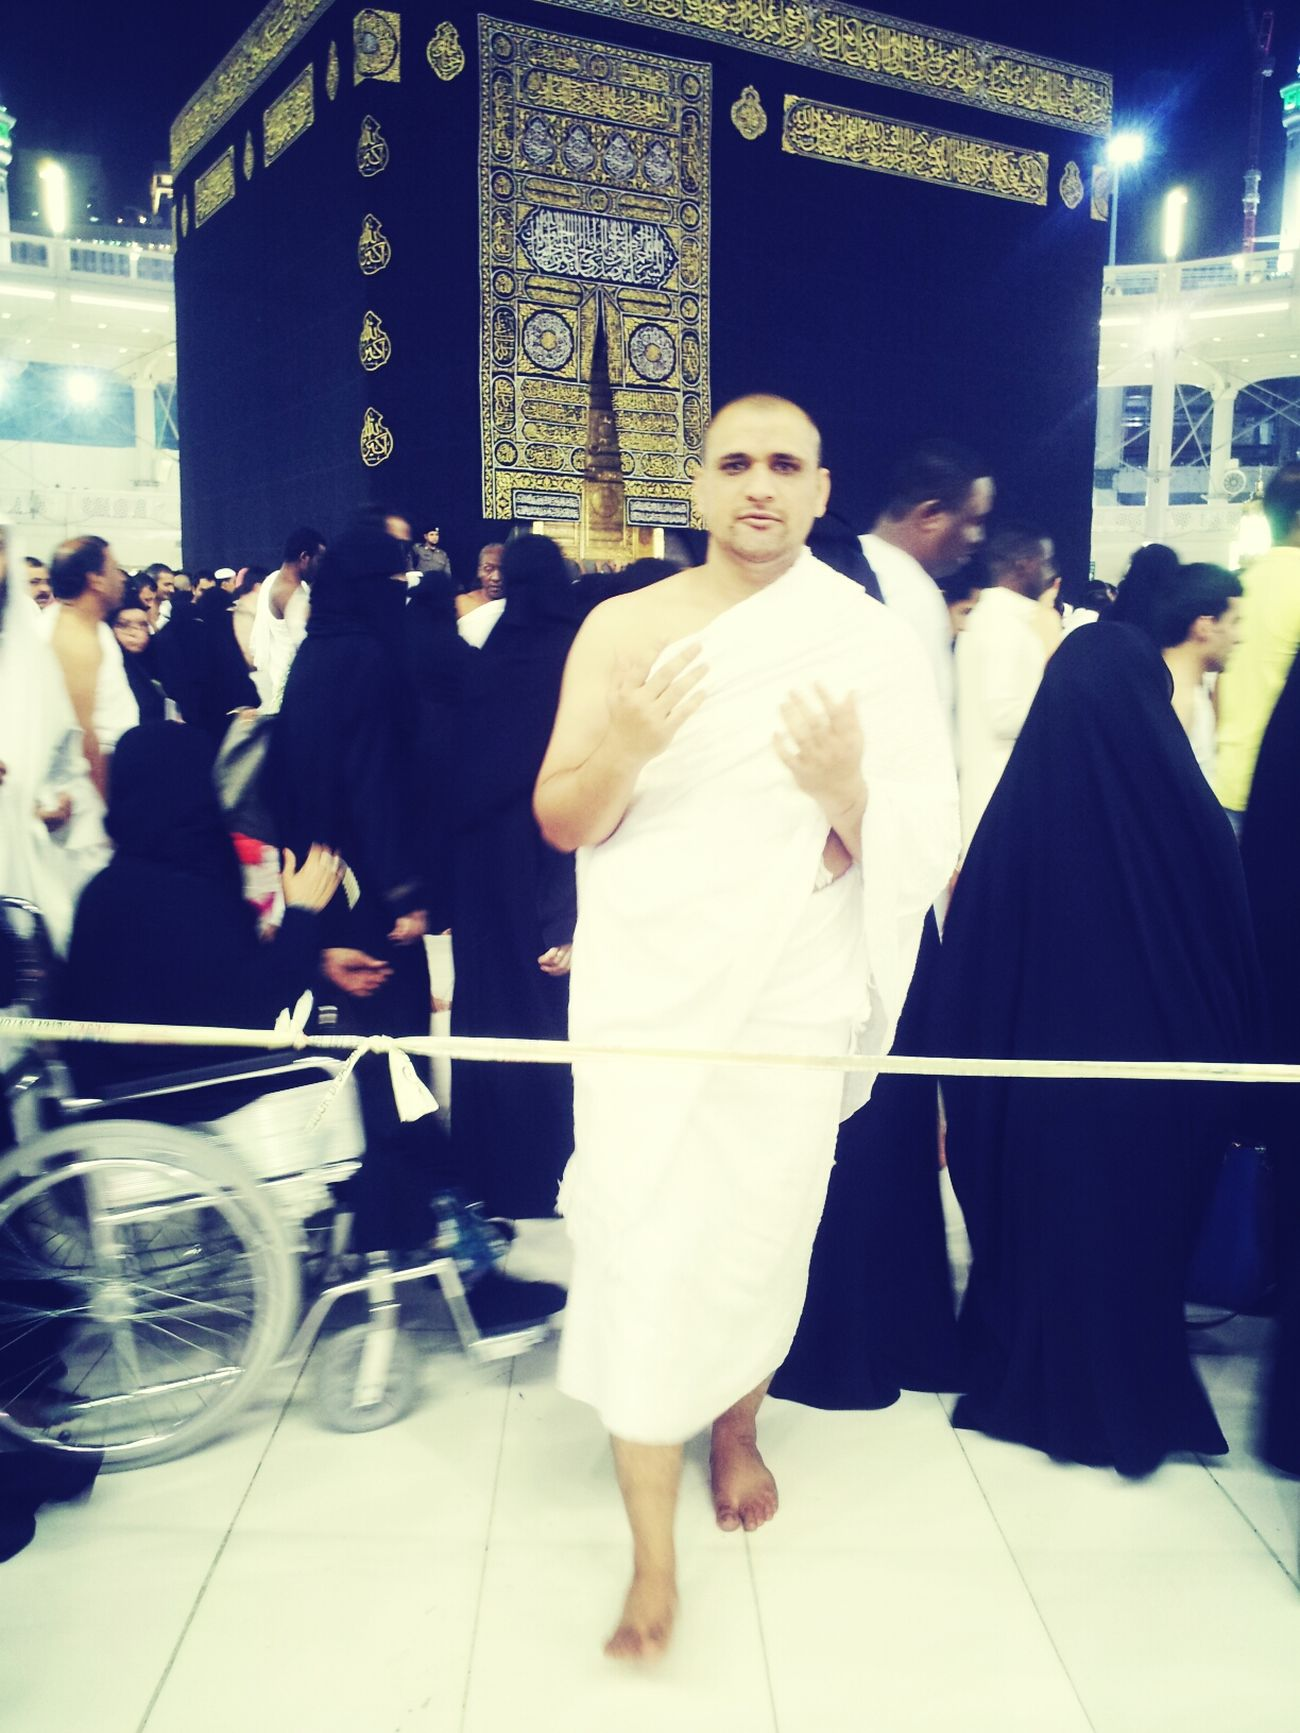 umra in makkah 2.12.14 Pyar